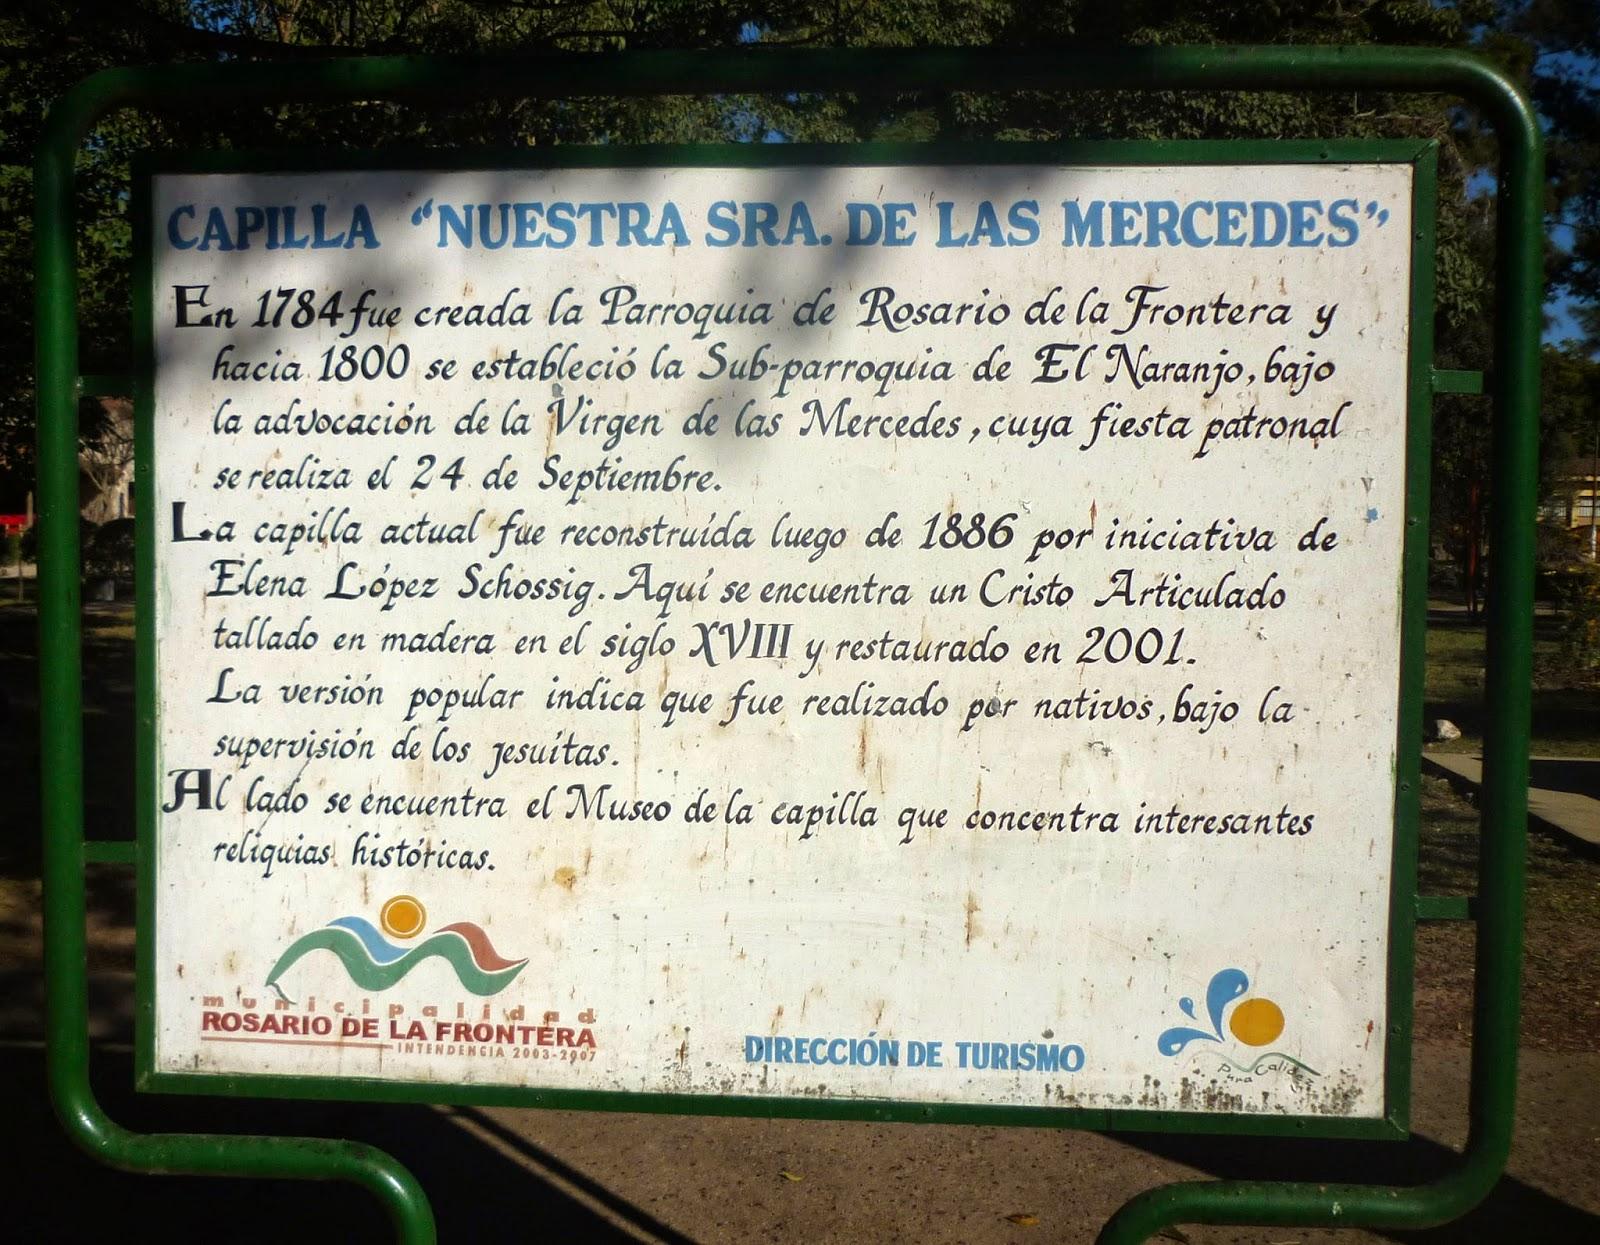 Carlos Jes S Maita Rosario De La Frontera 2014 06 08 # Muebles Guzman Naranjo